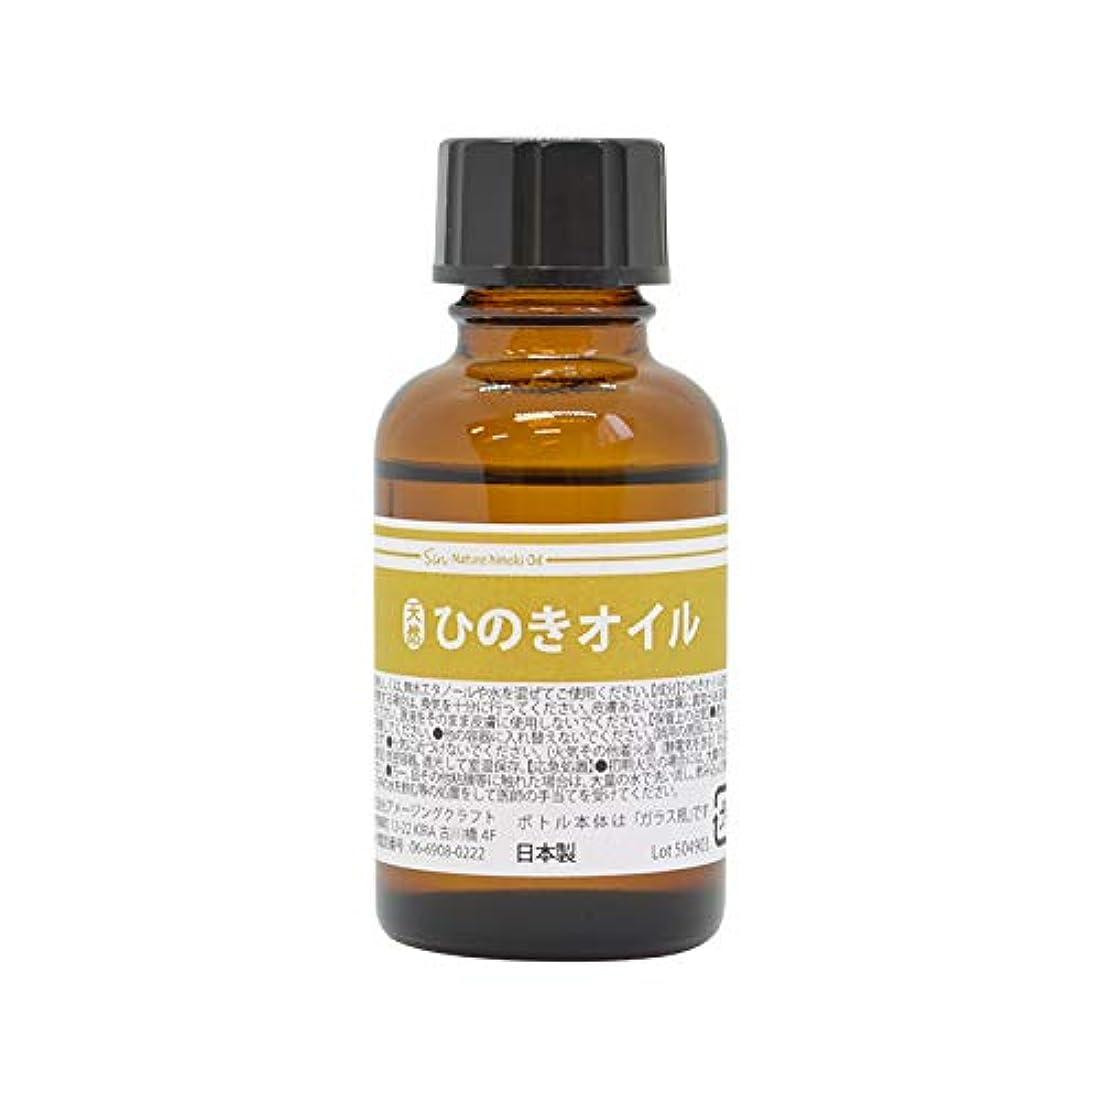 カストディアン縮約表面天然100% 国産 ひのき オイル 30ml アロマオイル ヒノキオイル